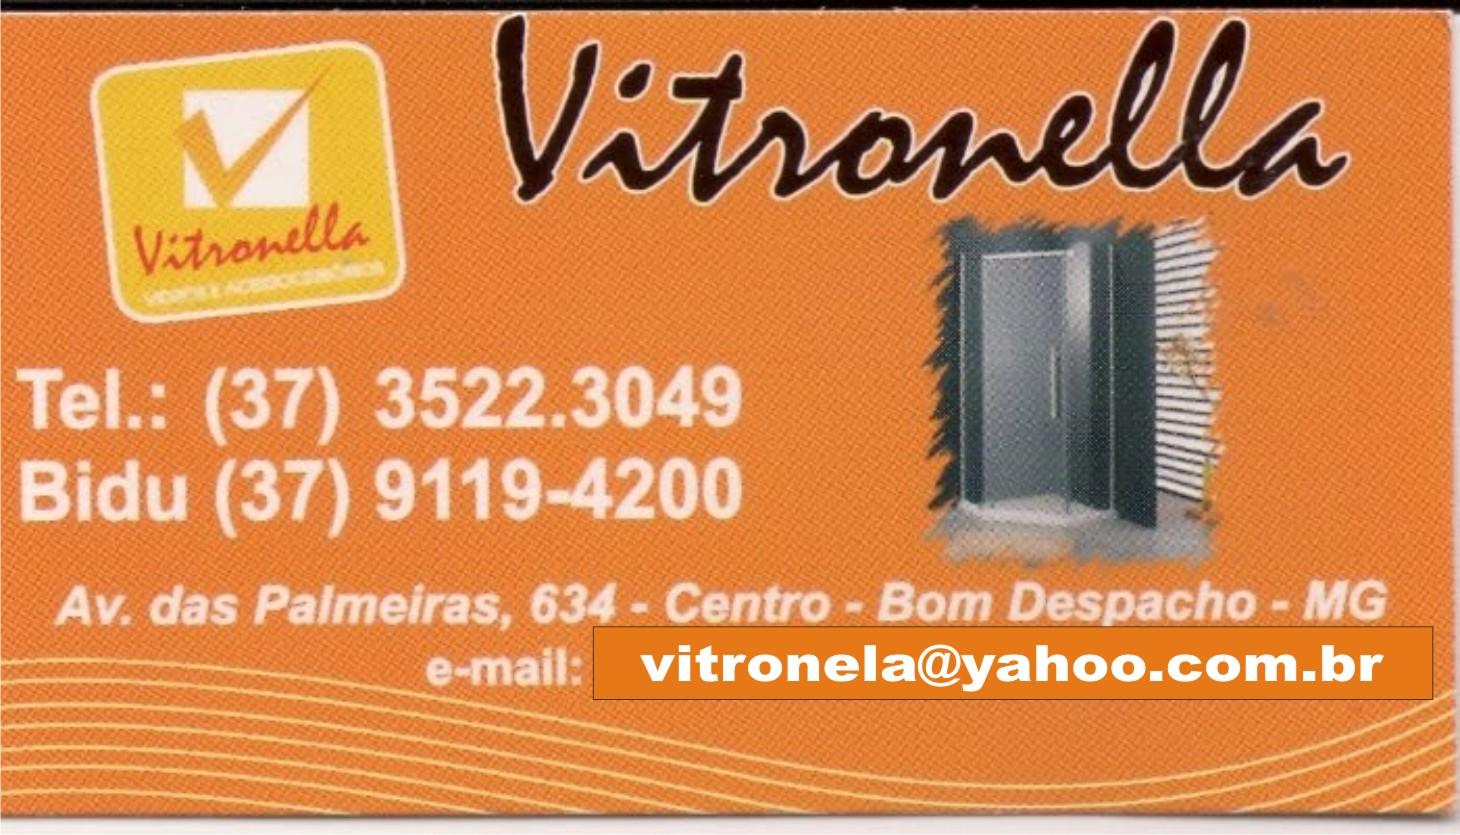 VITRONELA